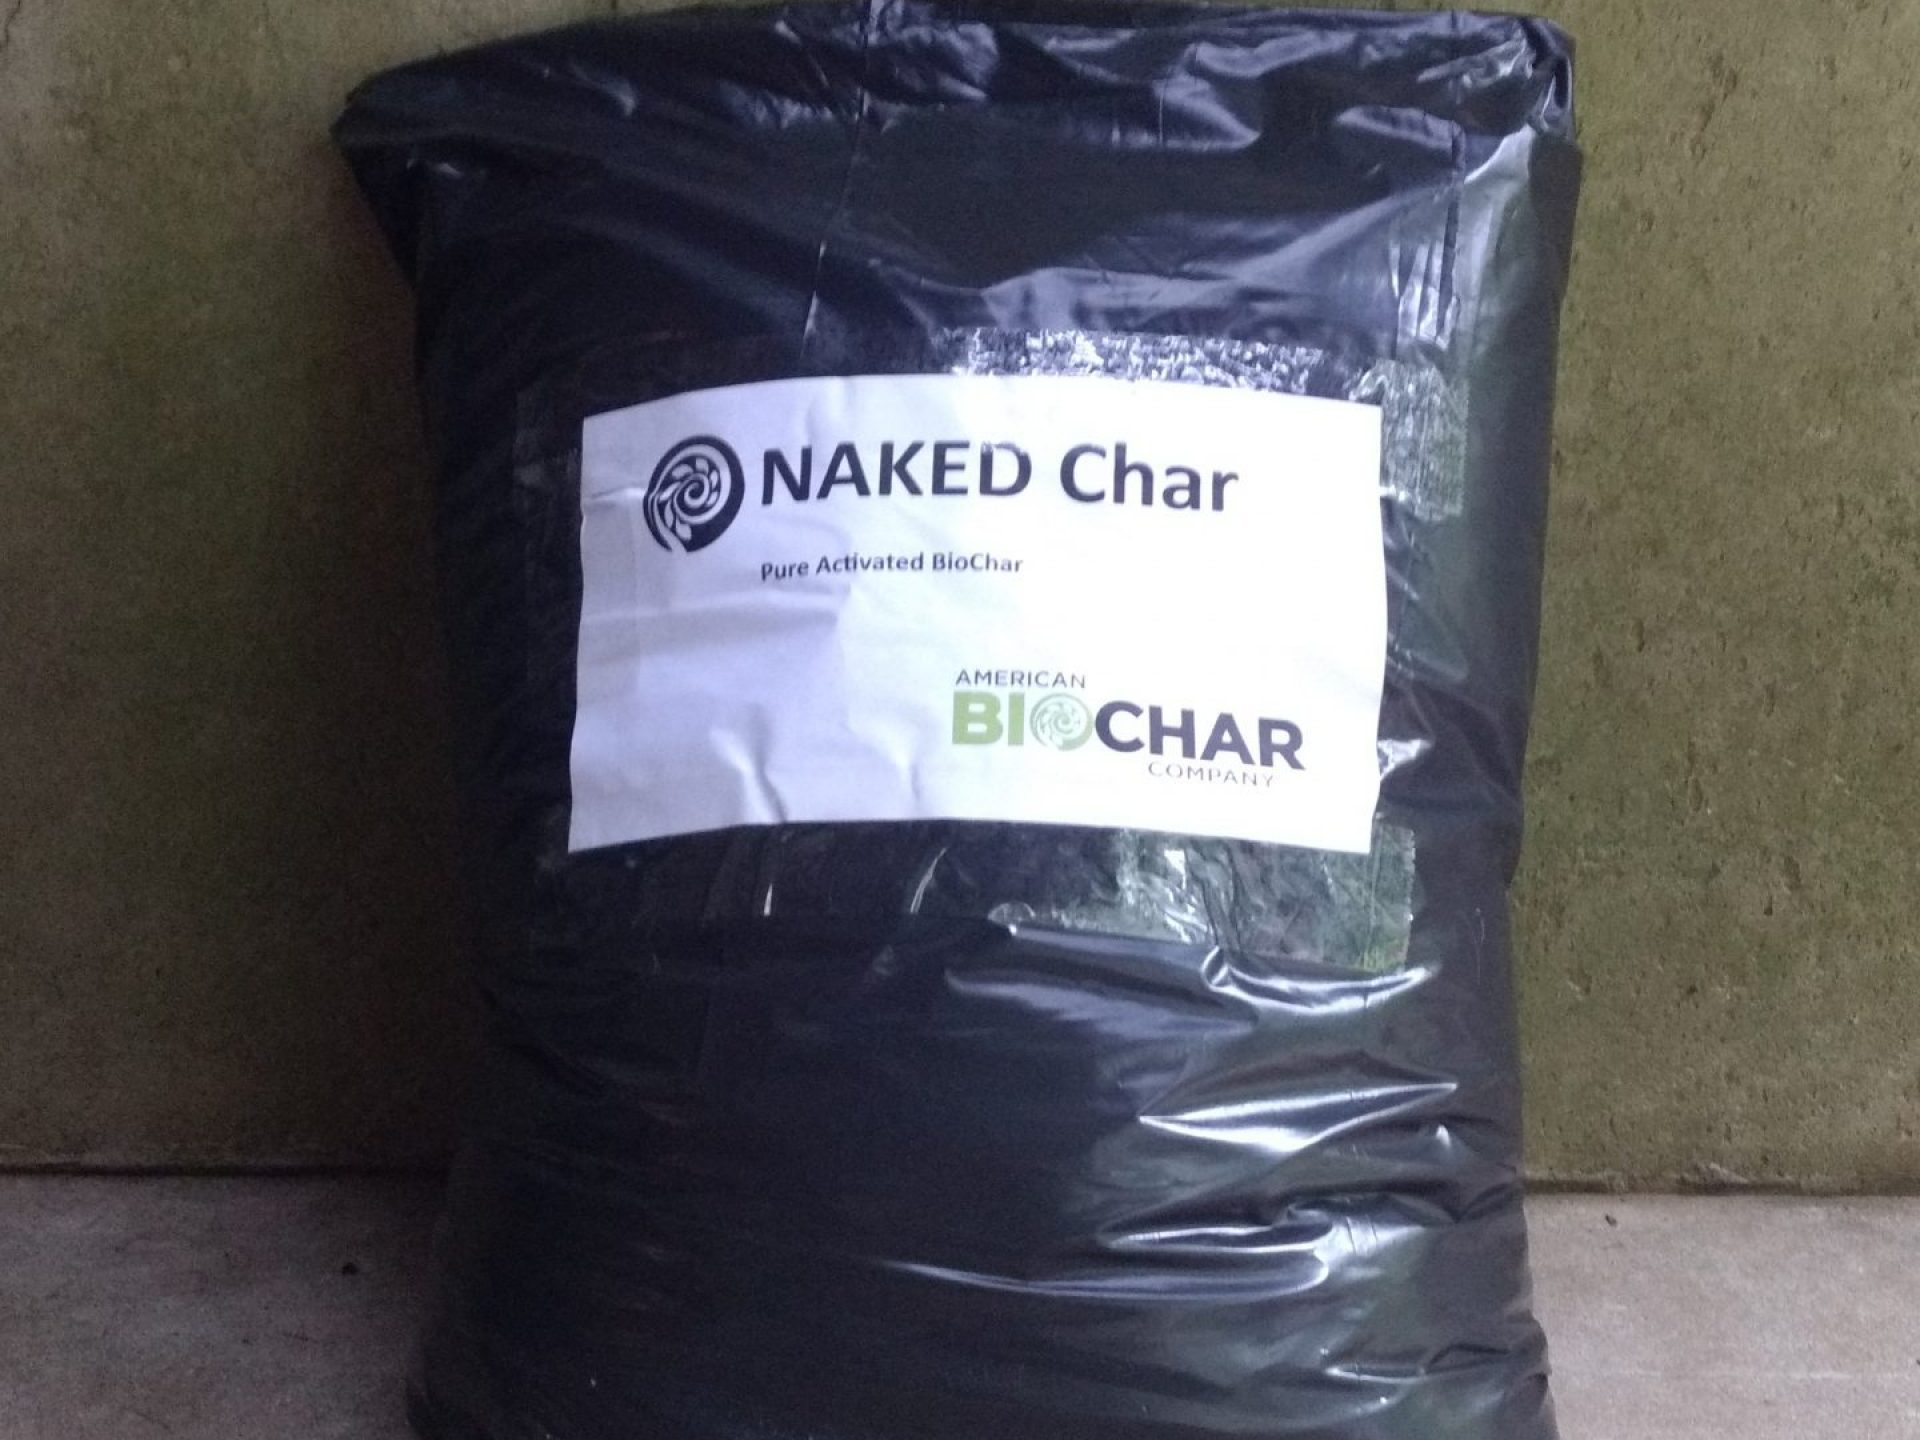 NAKED Char